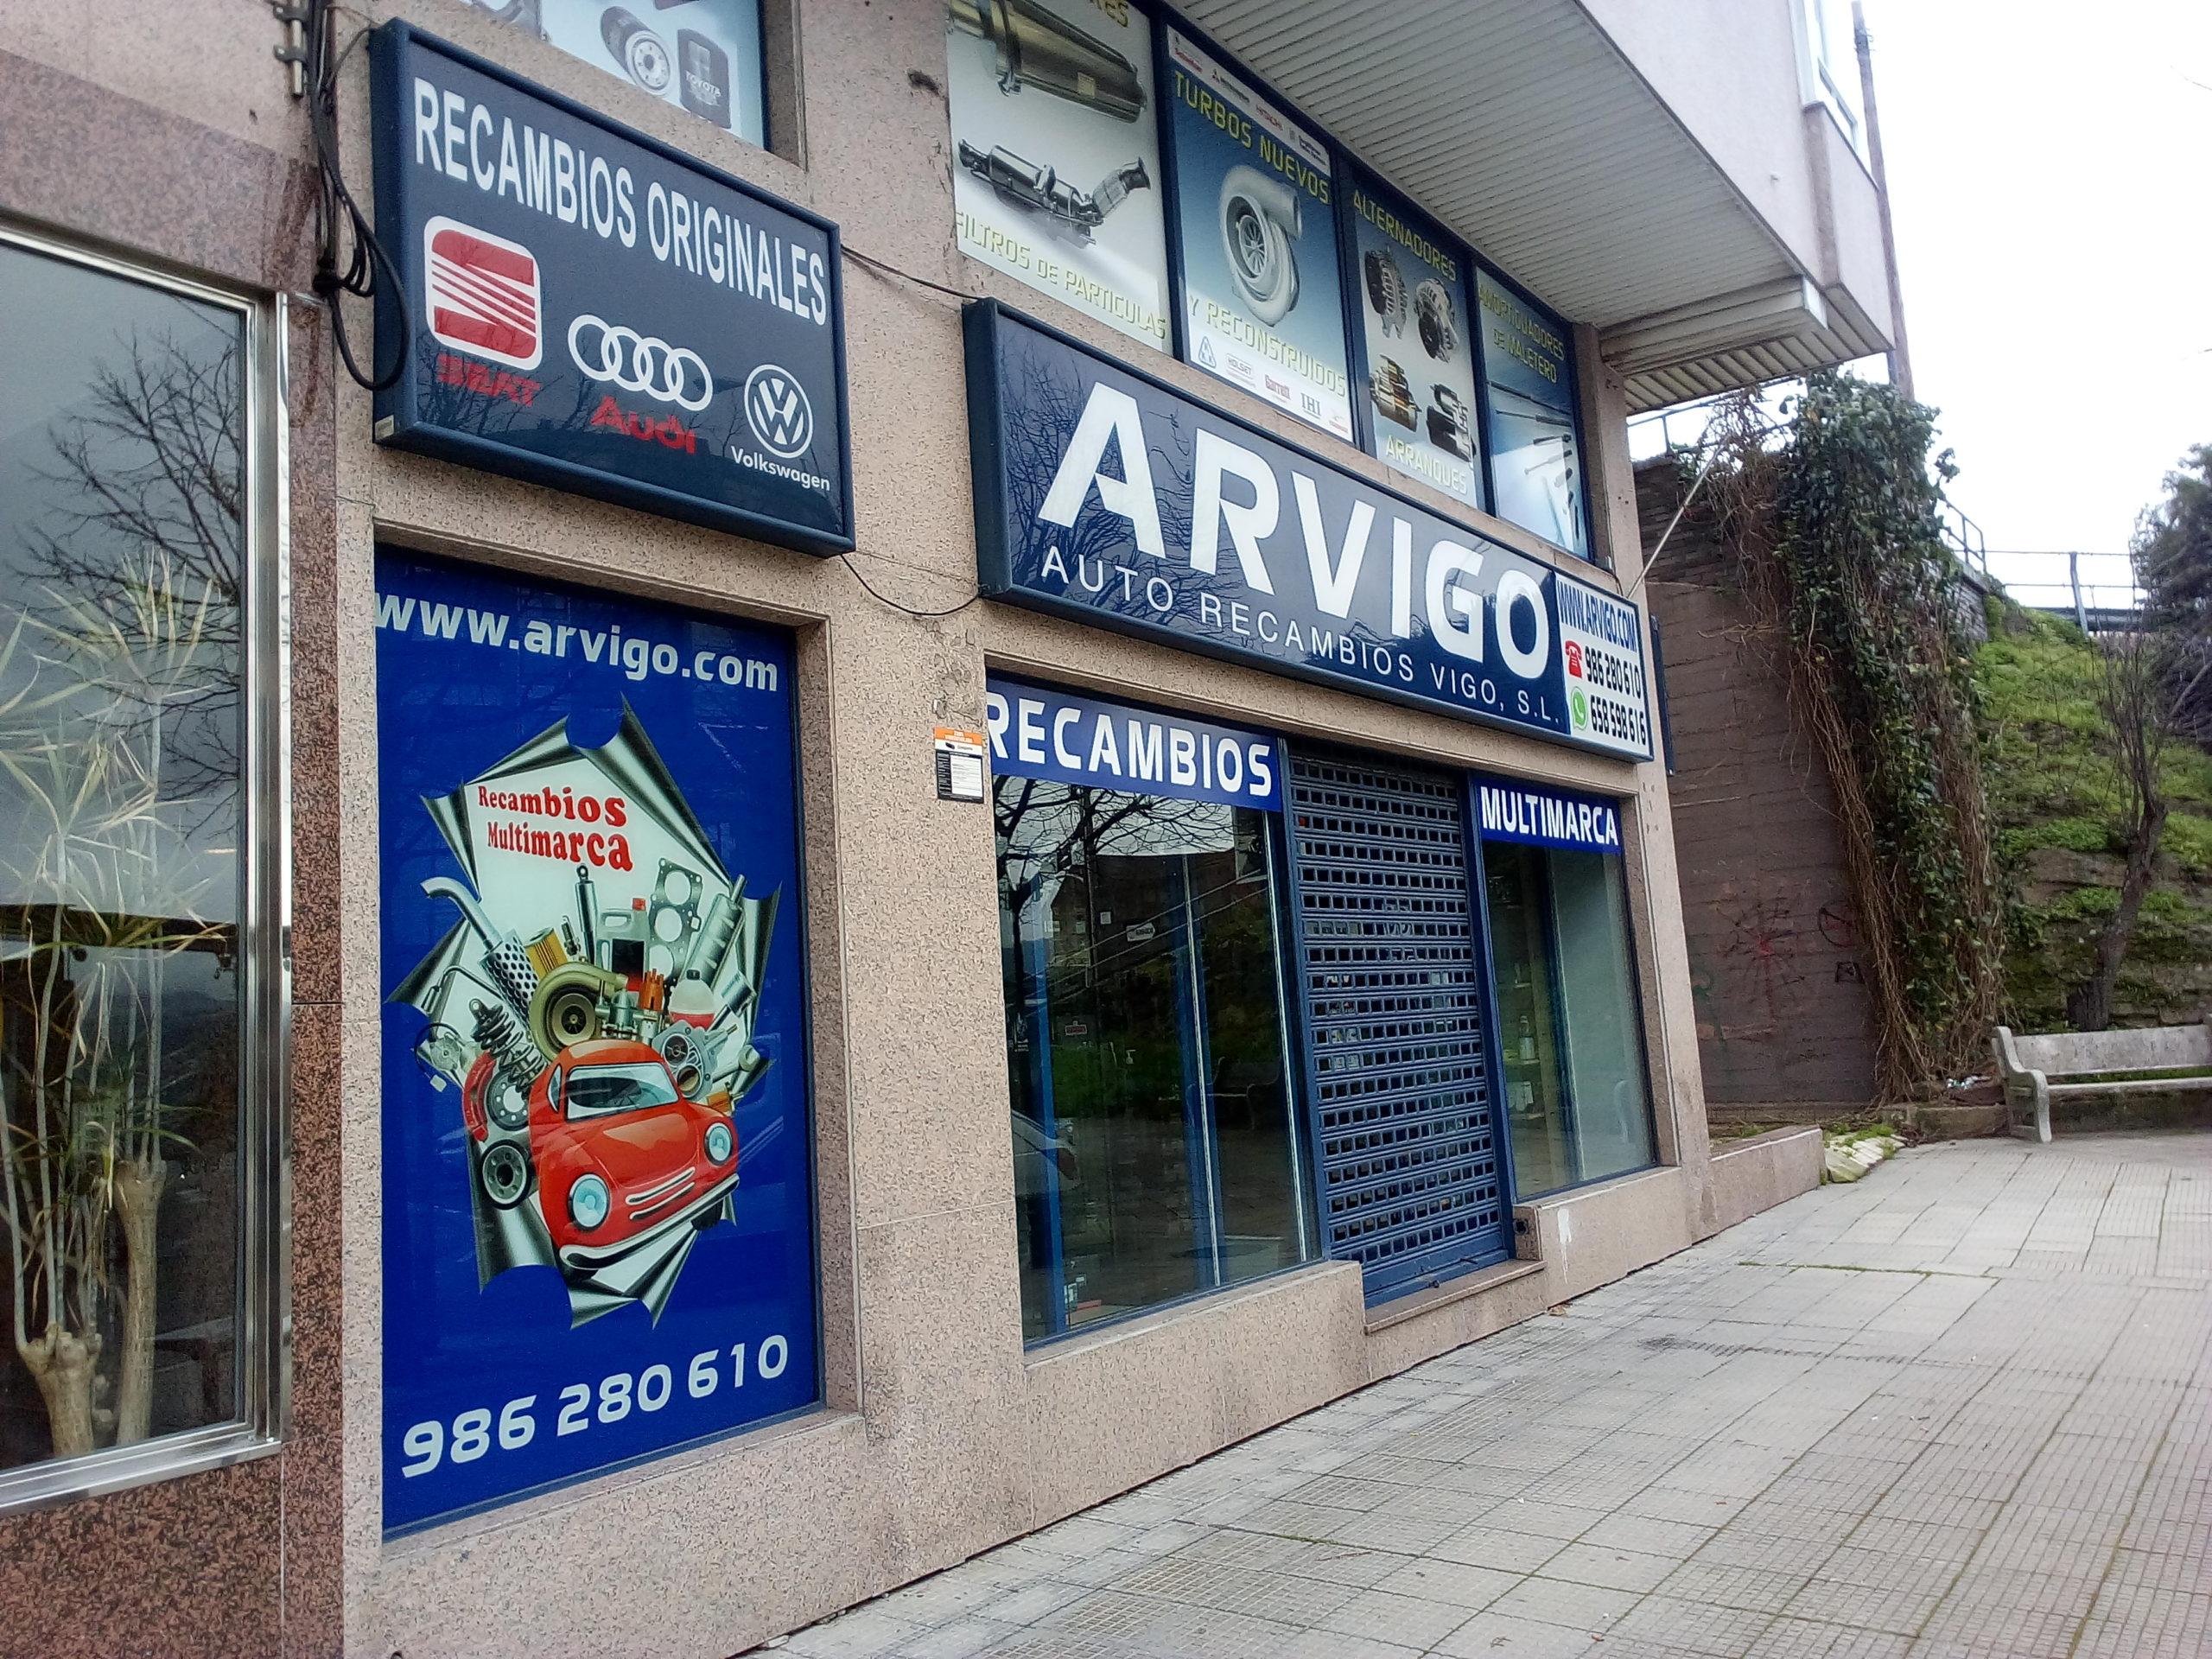 Recambios en Vigo